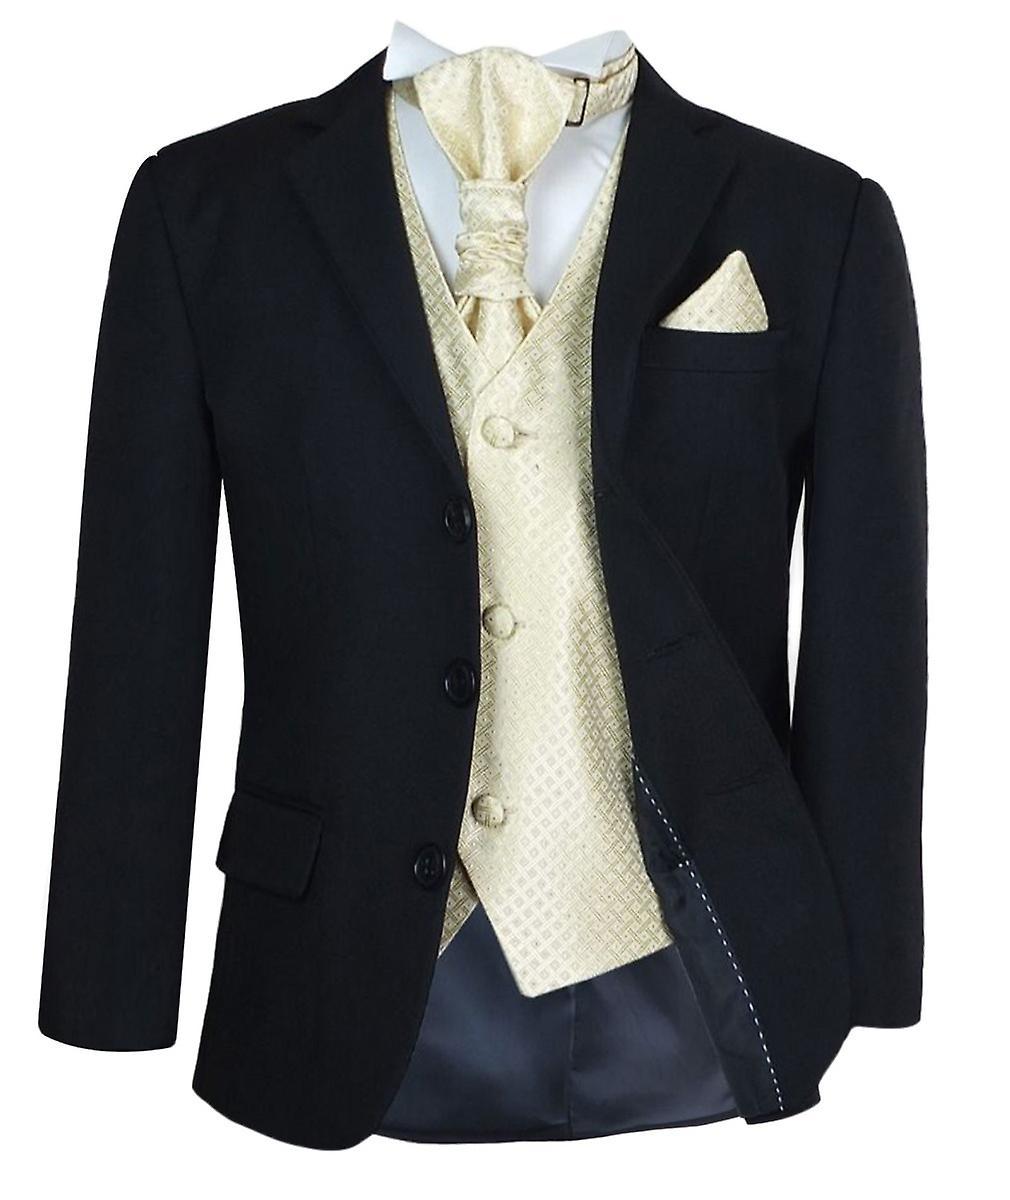 Garçons 5 nouveaux Pc noir & or mariage cravate costume